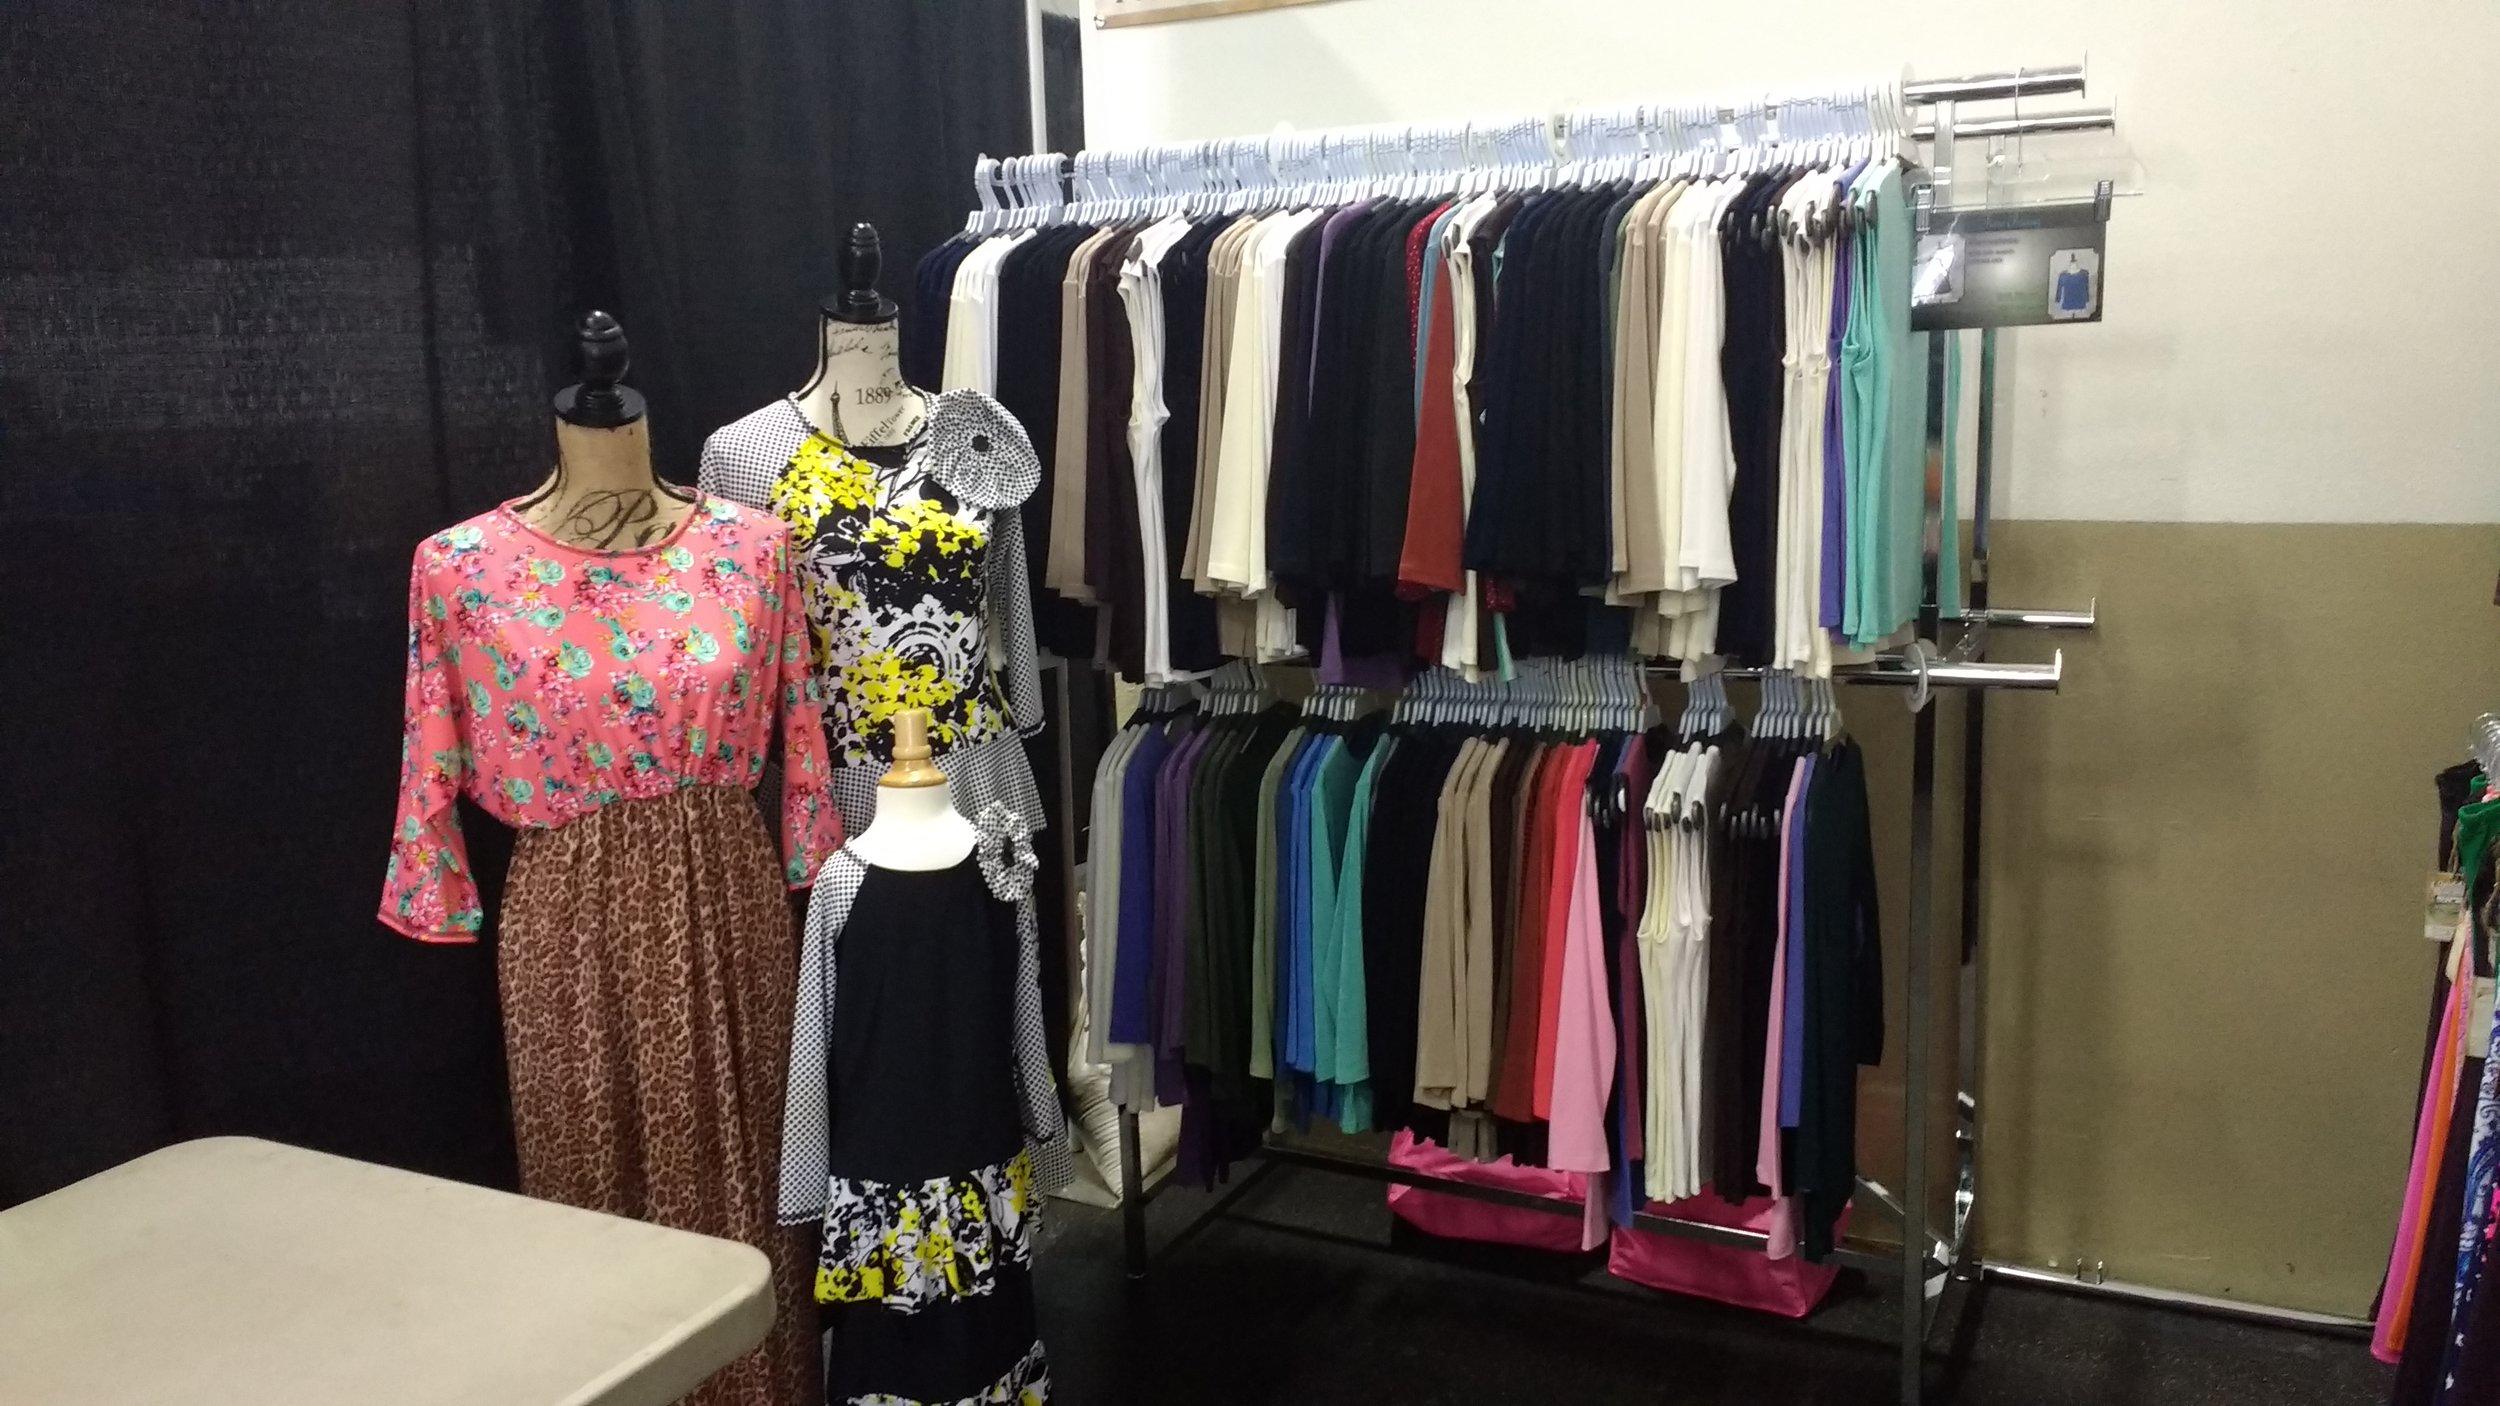 Our Fiori shirt rack